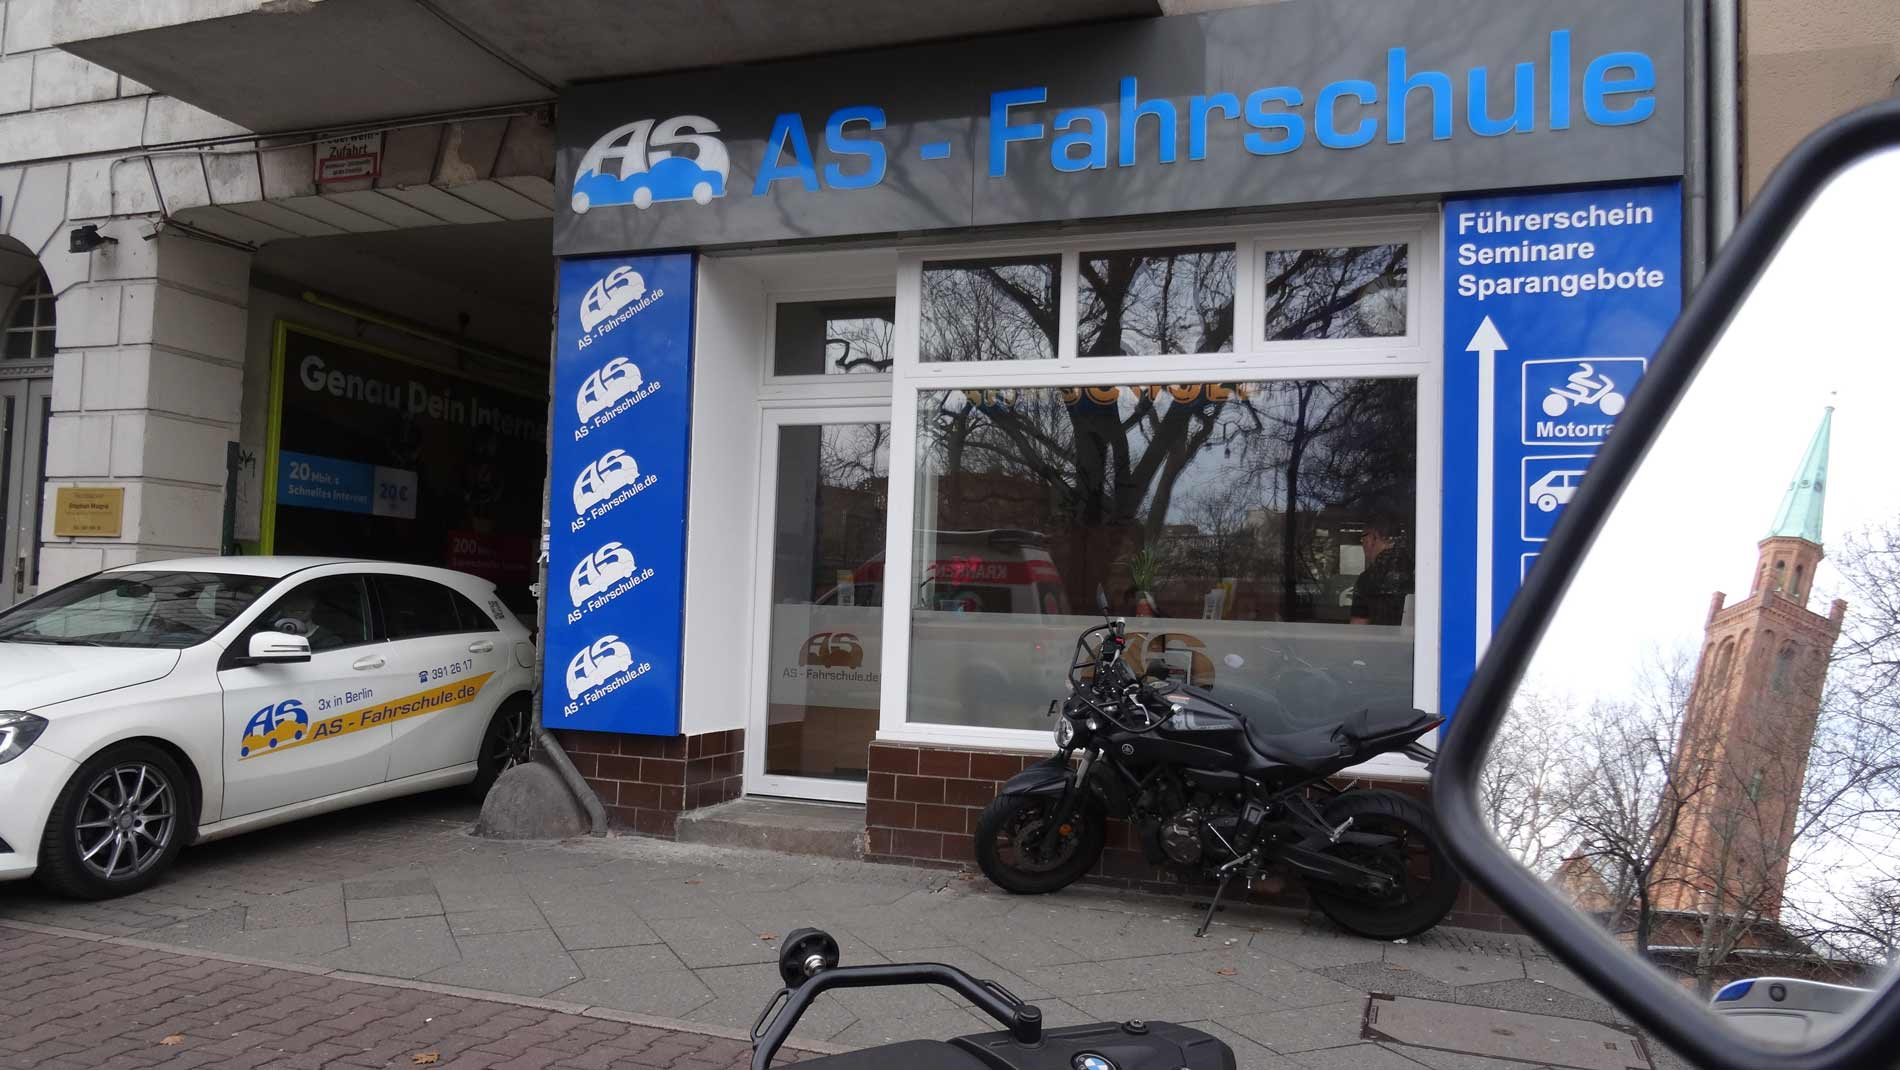 Fahrschule-Berlin-Tiergarten_aussen